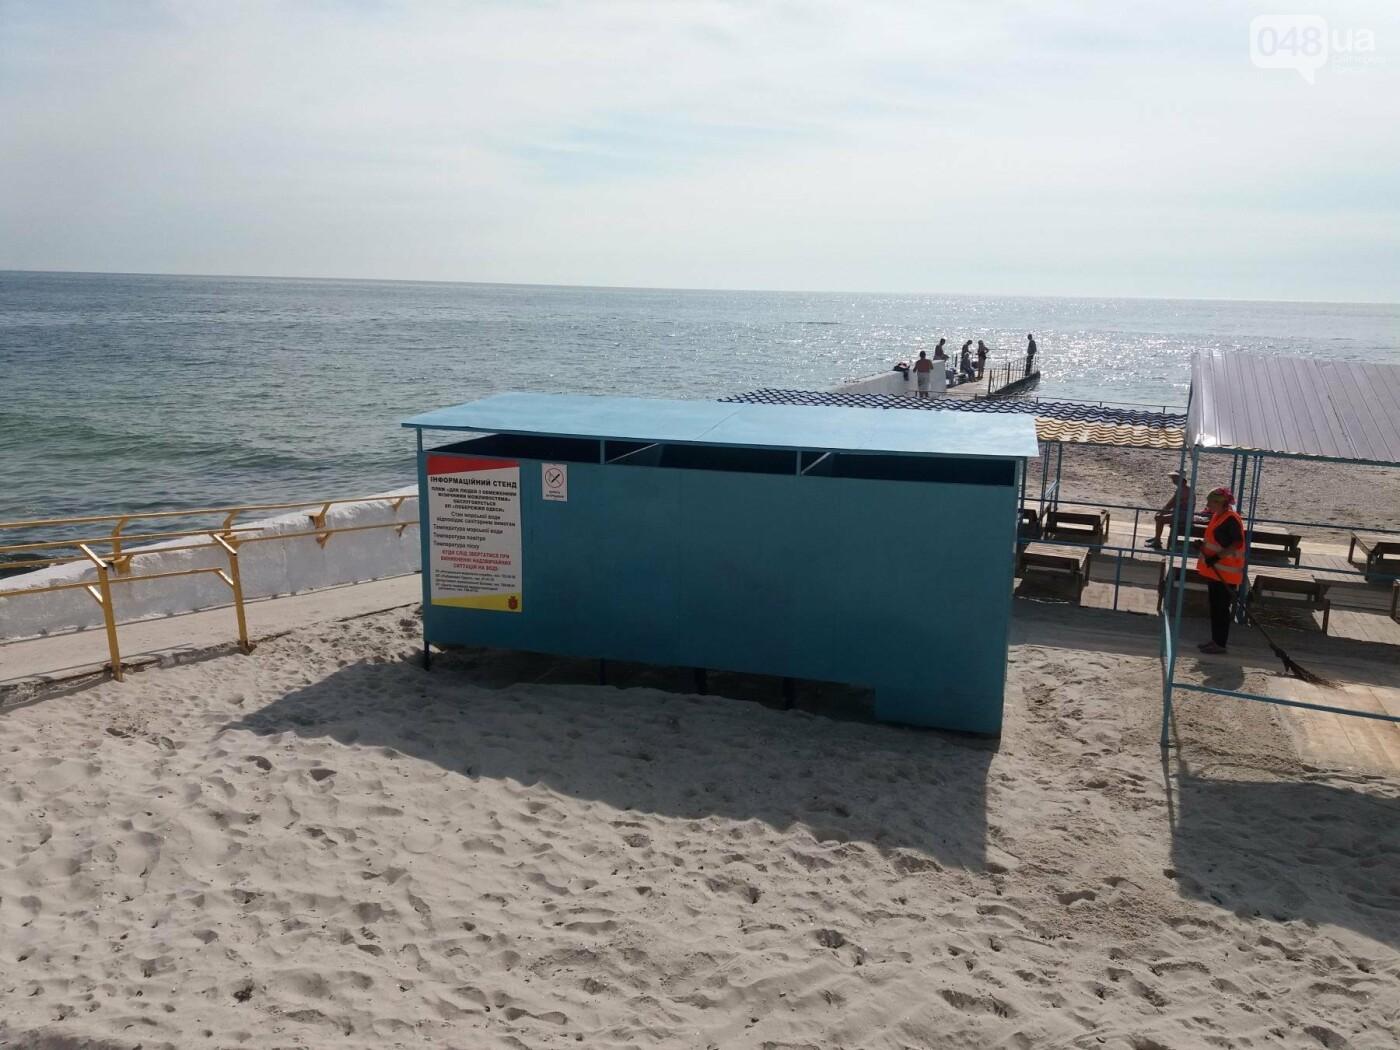 Потрясающий цинизм: как одесские чиновники благоустроили пляж для людей с инвалидностью, - ФОТО , фото-6